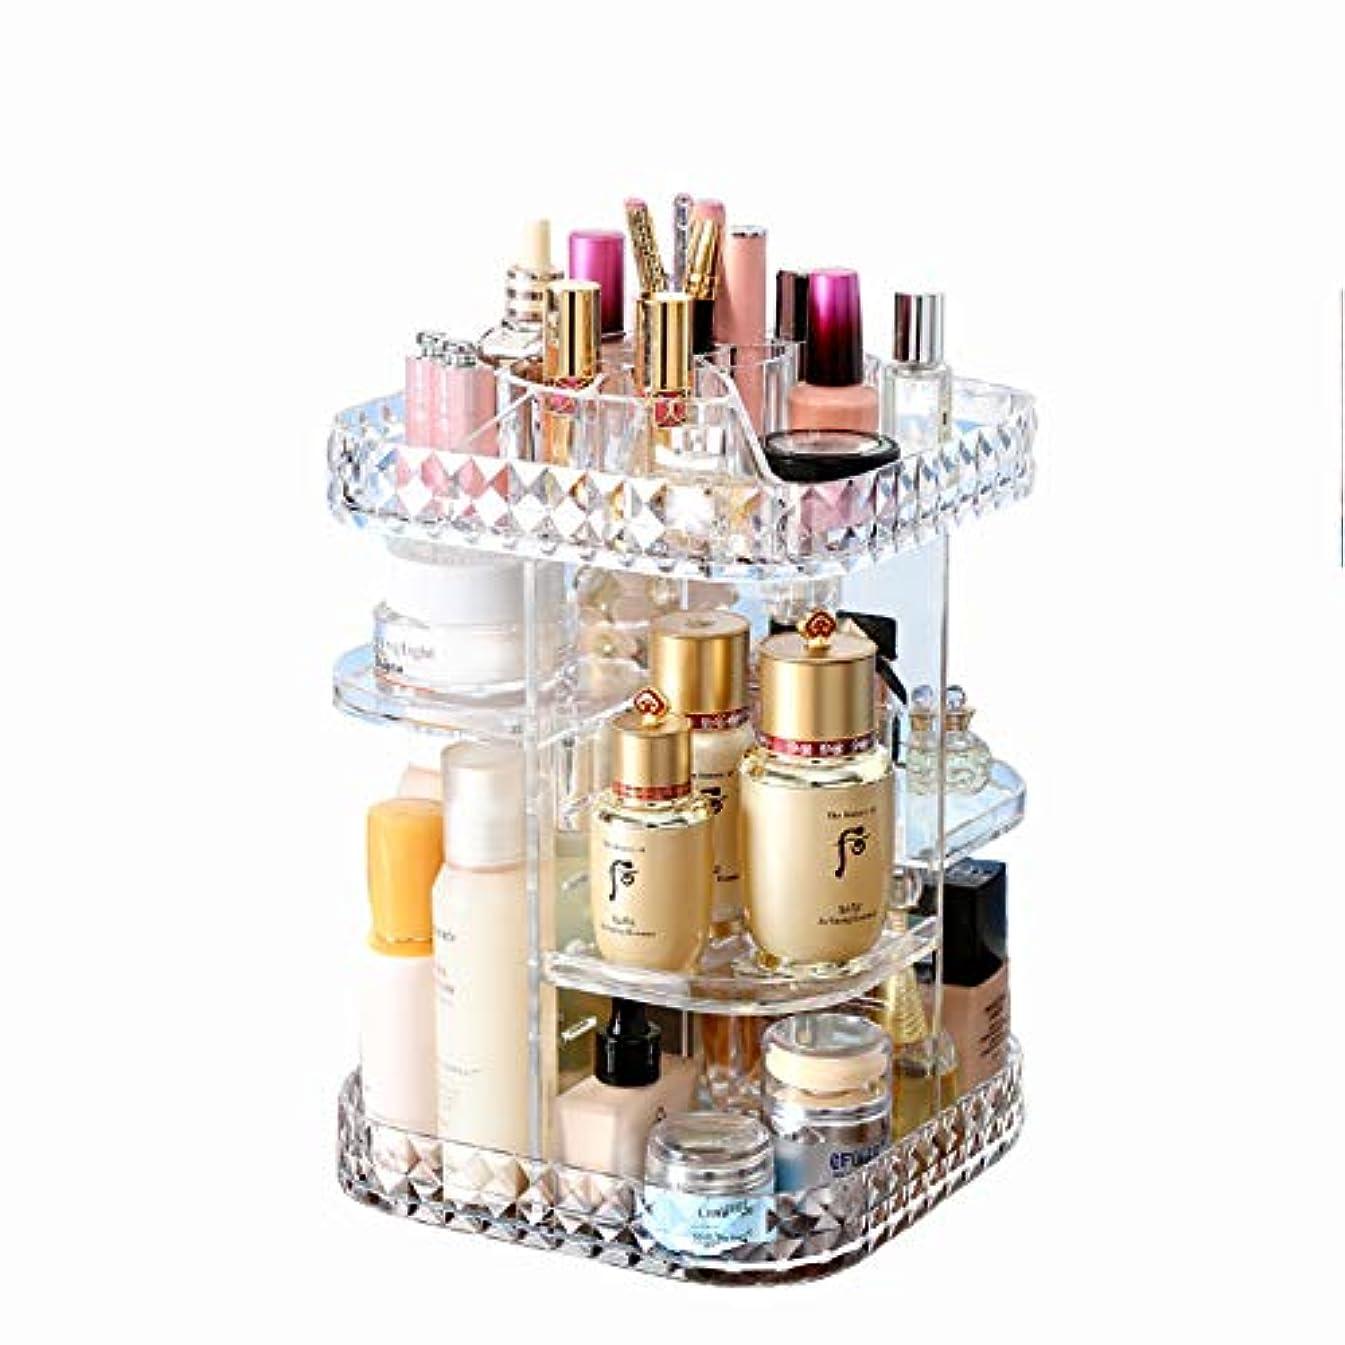 日食群集迅速化粧品収納ボックス 360℃回転式 高さ調節可能 高品質 超大容量メイクタワー 透明アクリル製 ダイヤモンドパターン